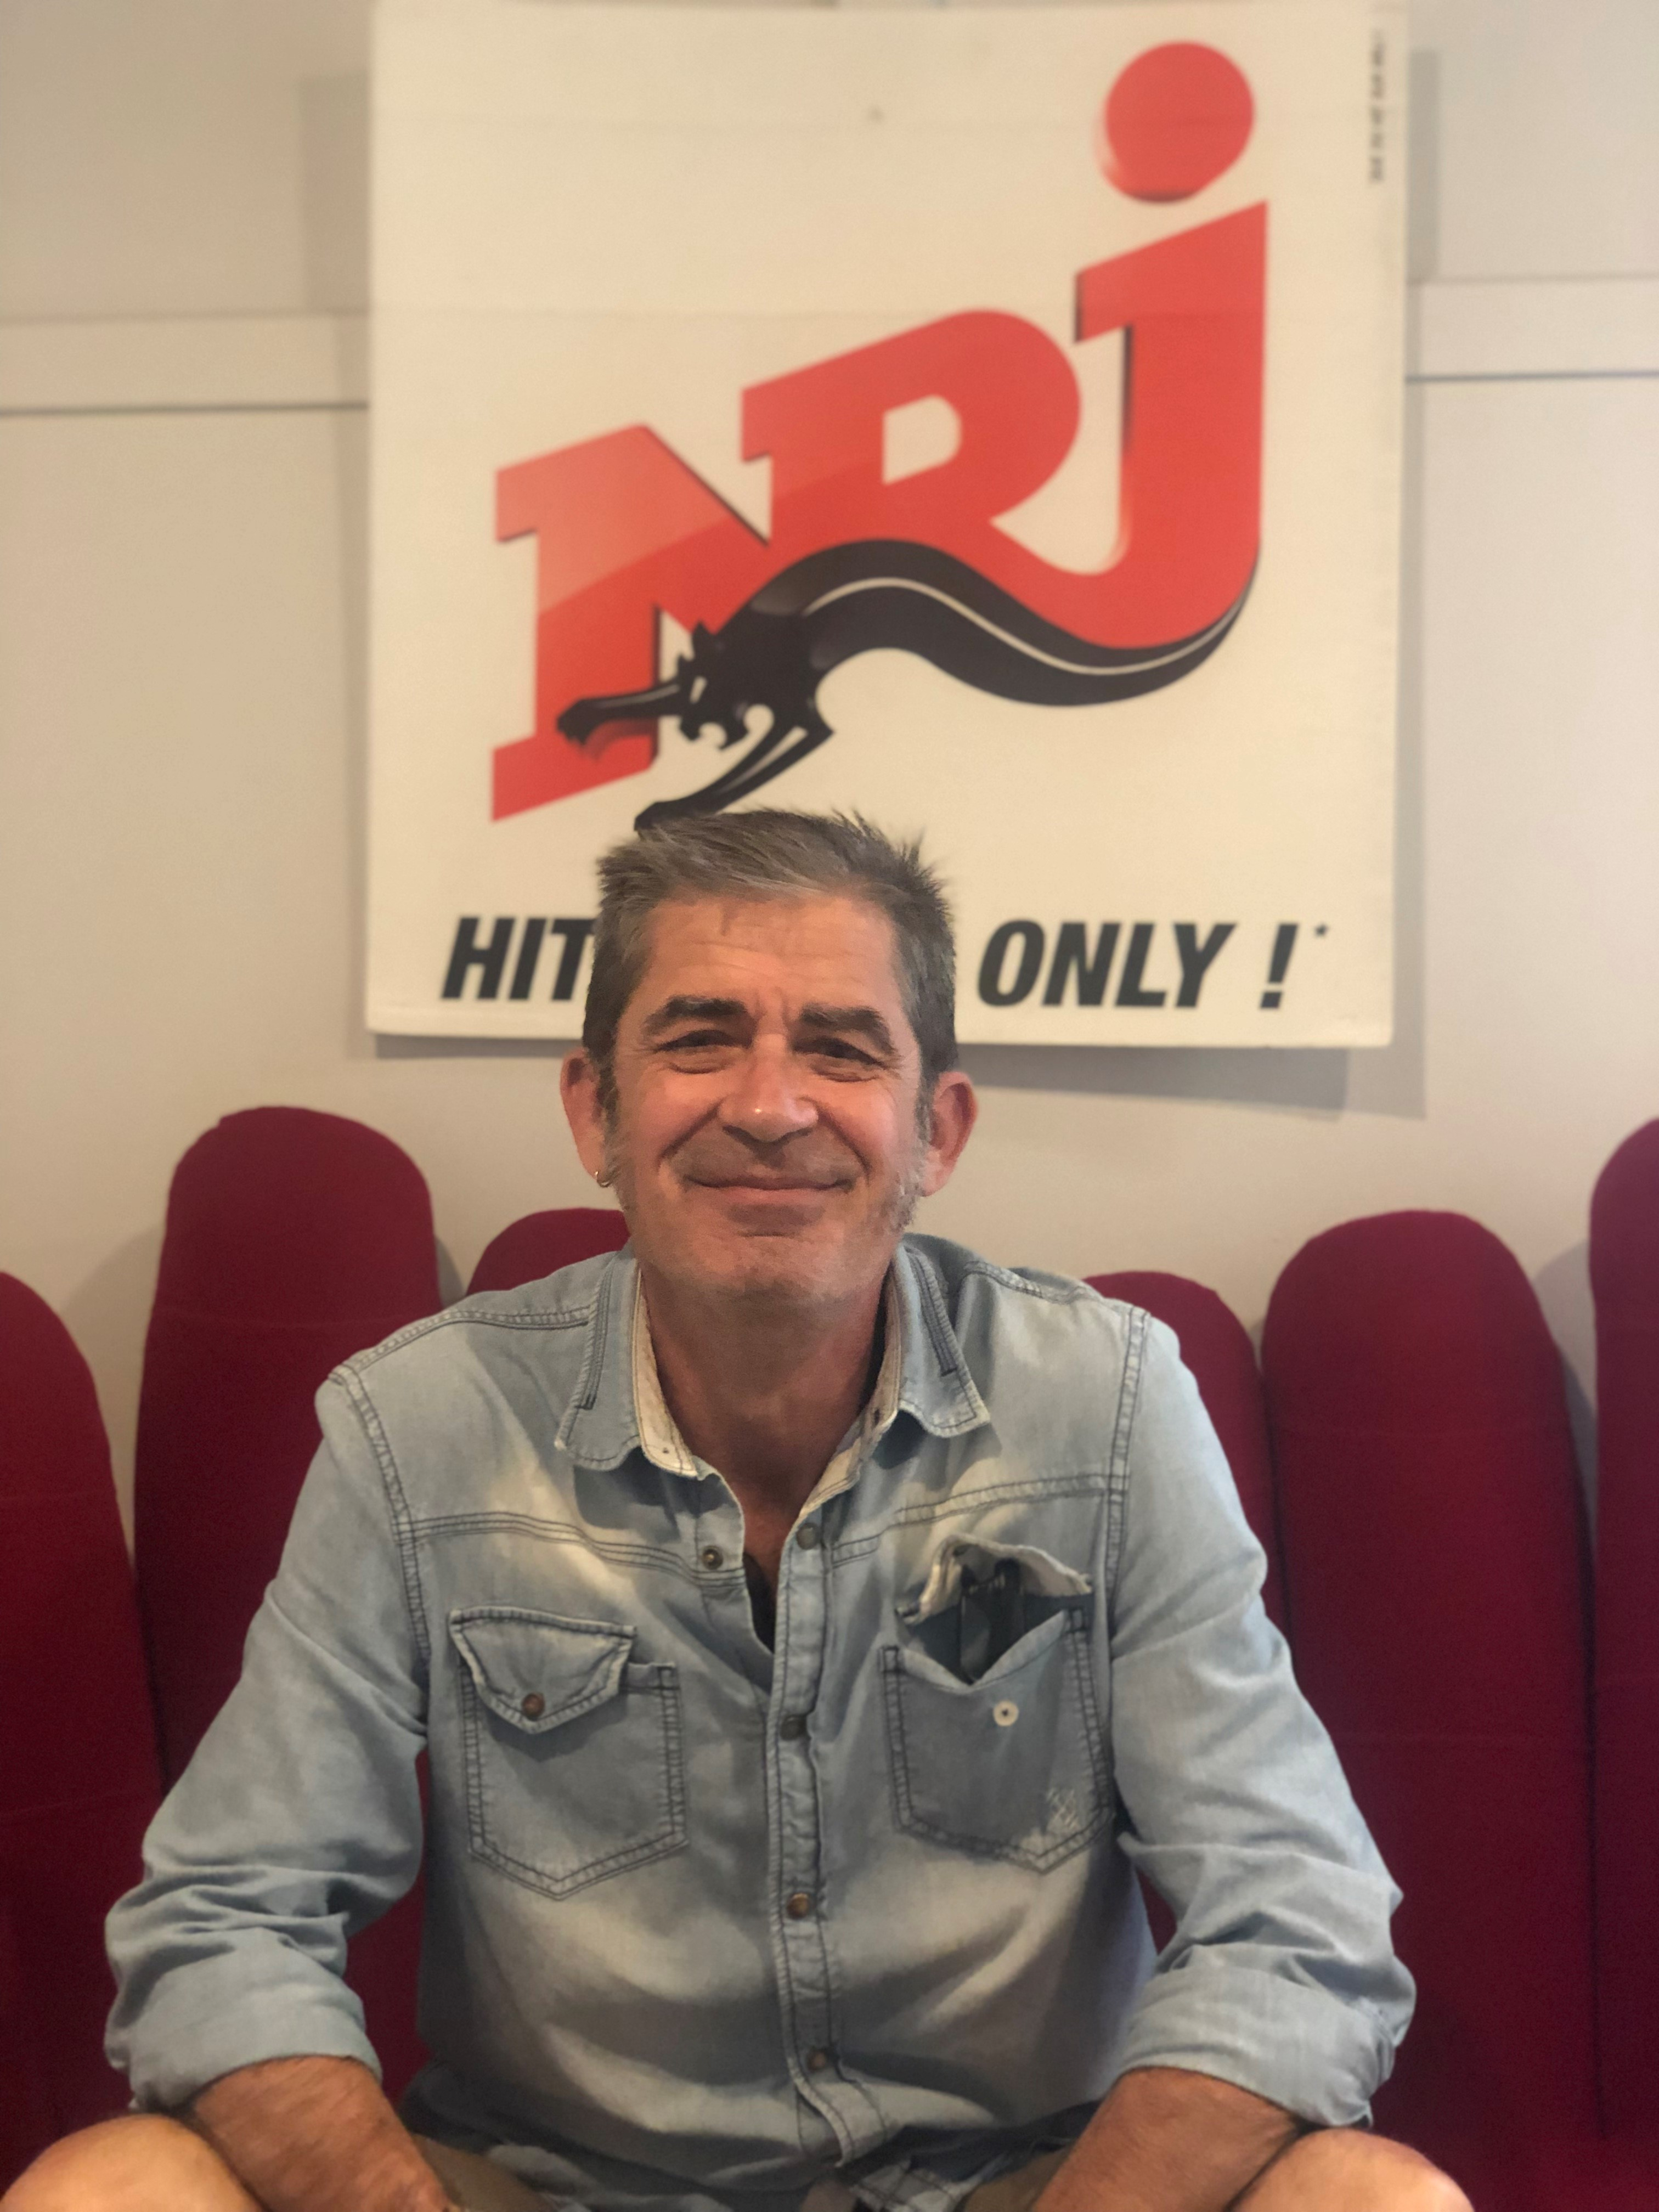 Photo Laurent Pavy, chef des ventes, NRJ Nouméa – Nouvelle-Calédonie.